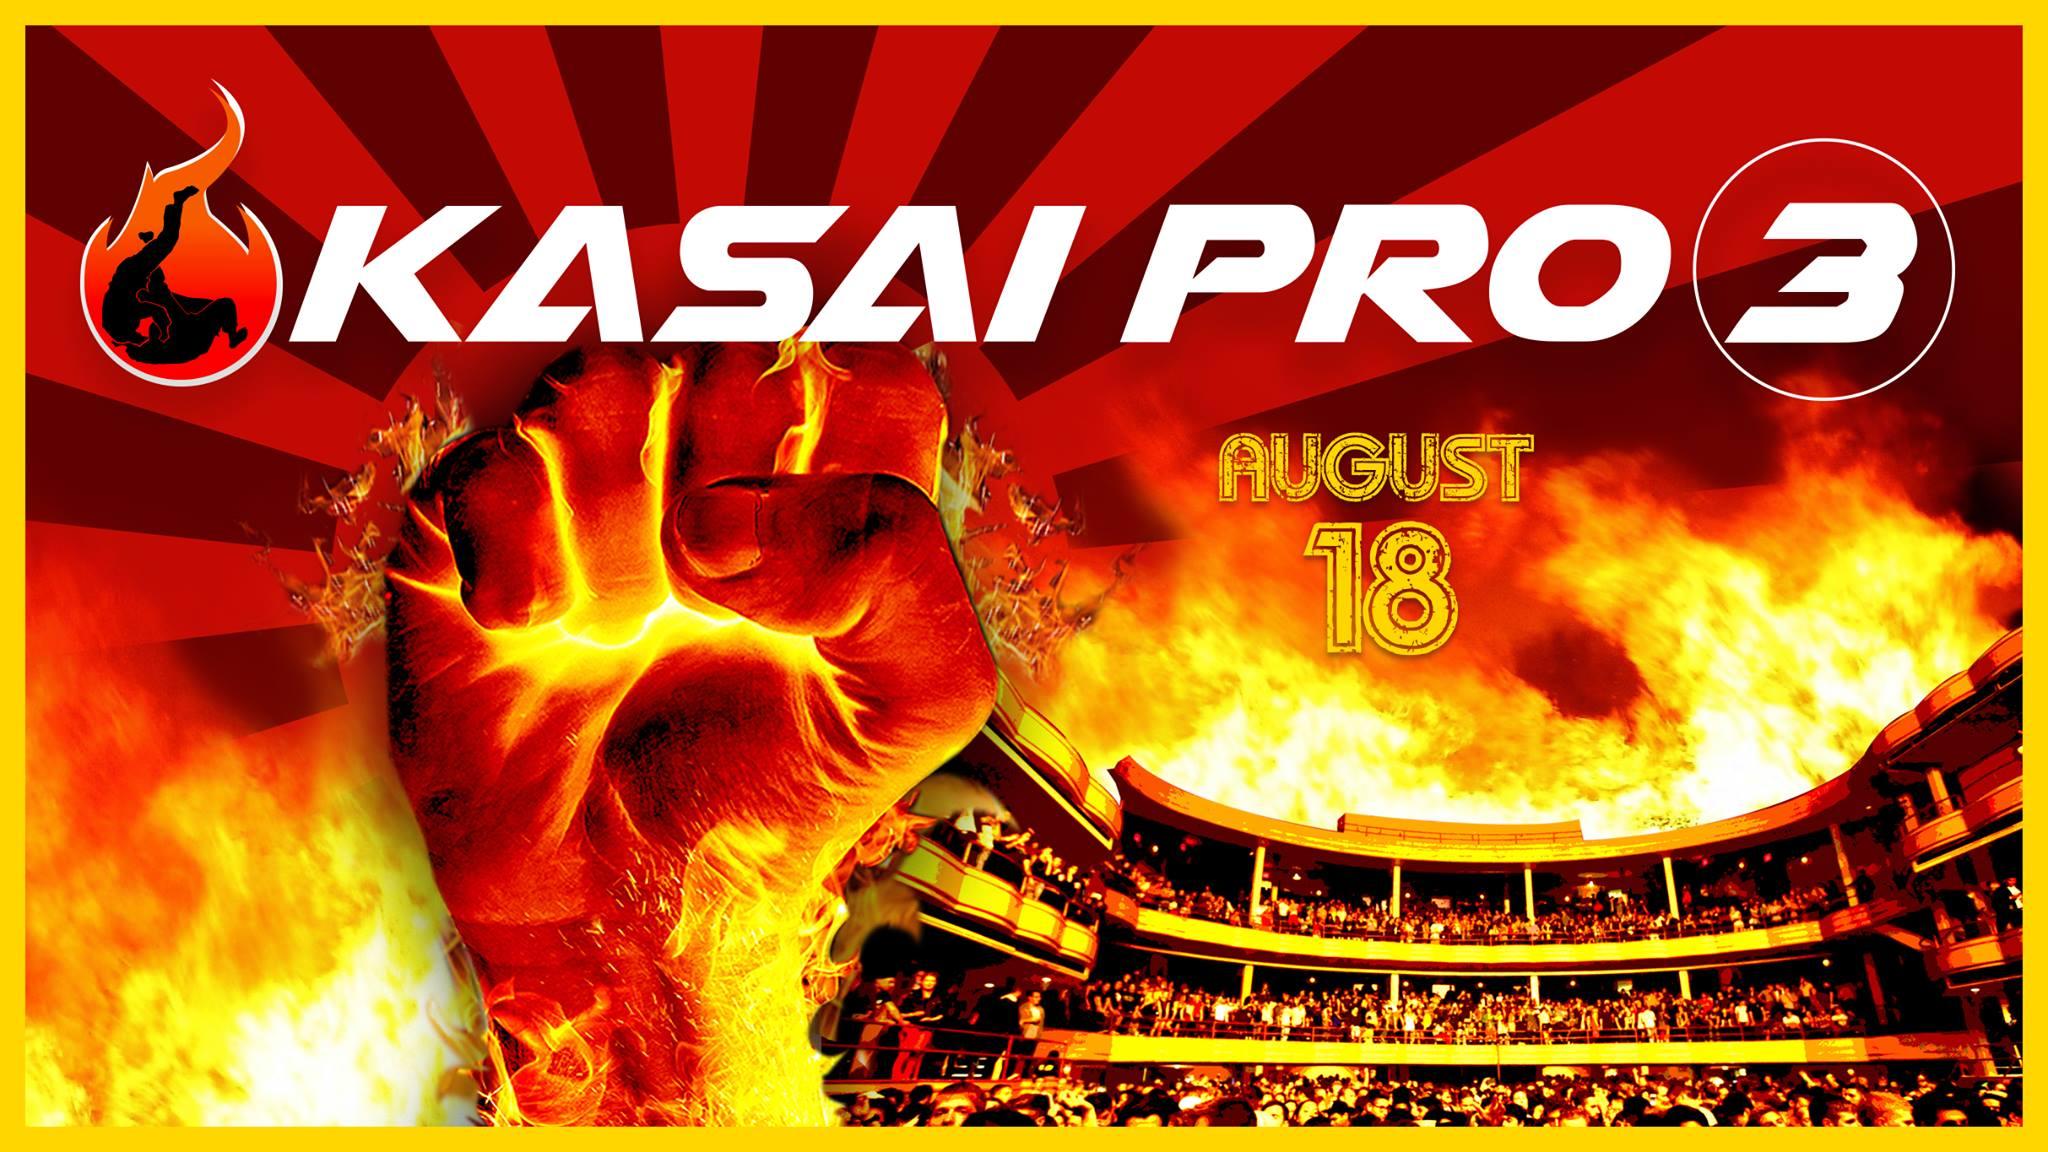 Kasai Pro 3